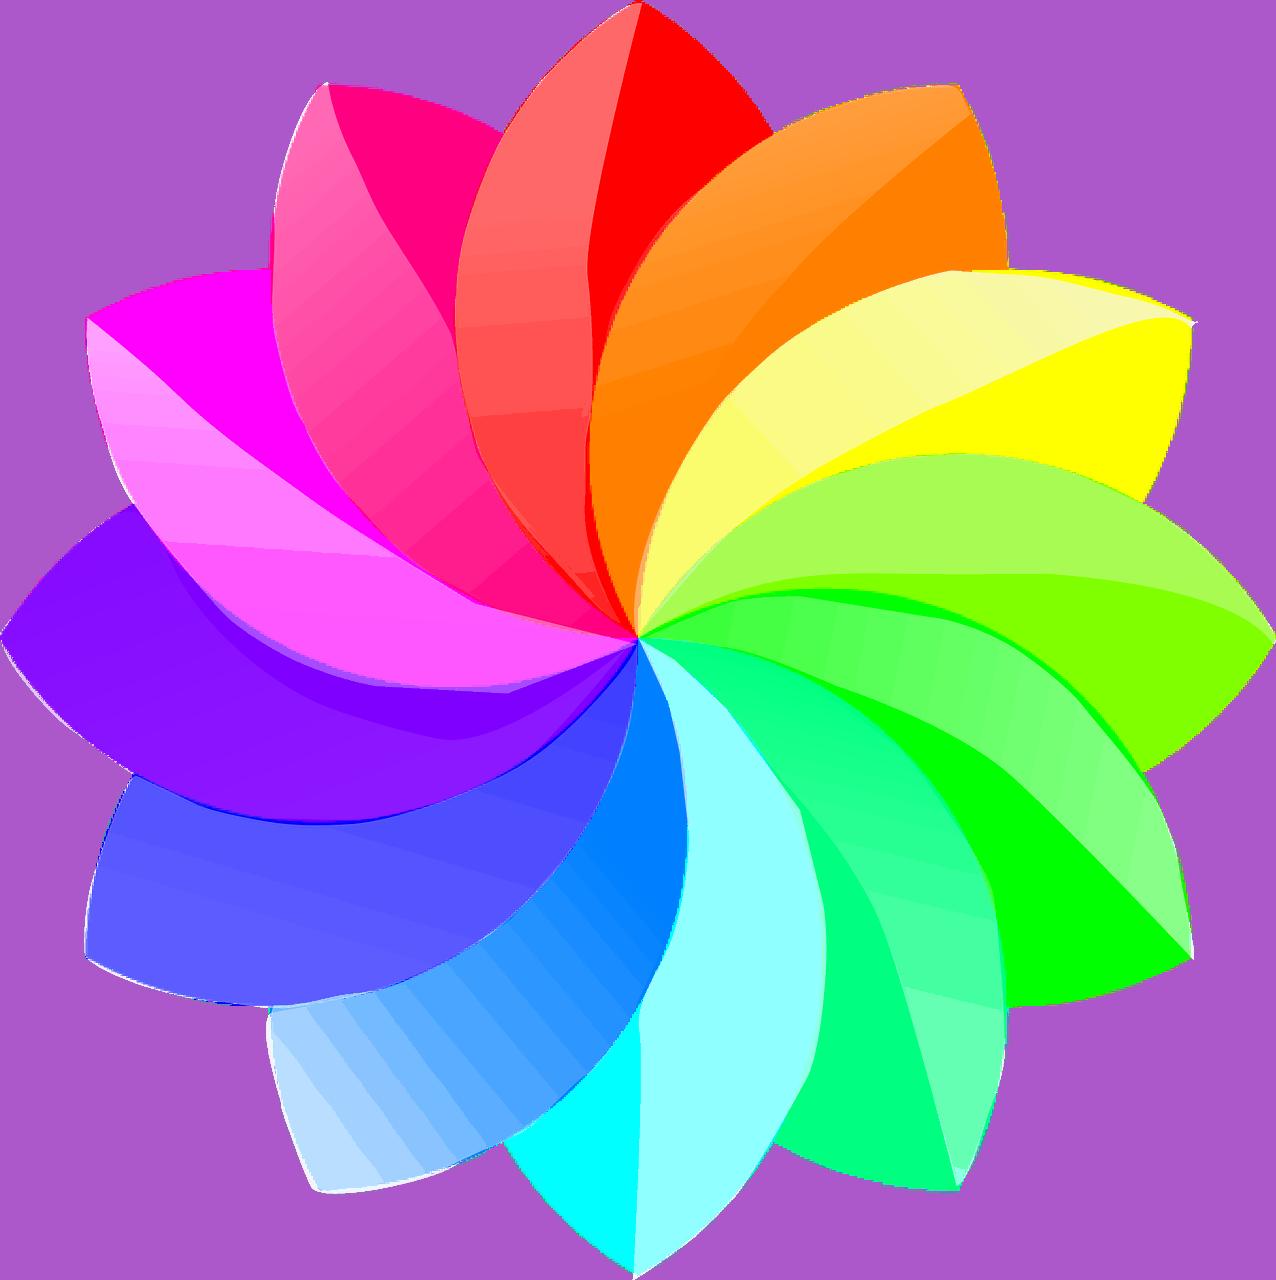 עיצוב לוגו ביזנס ראשית